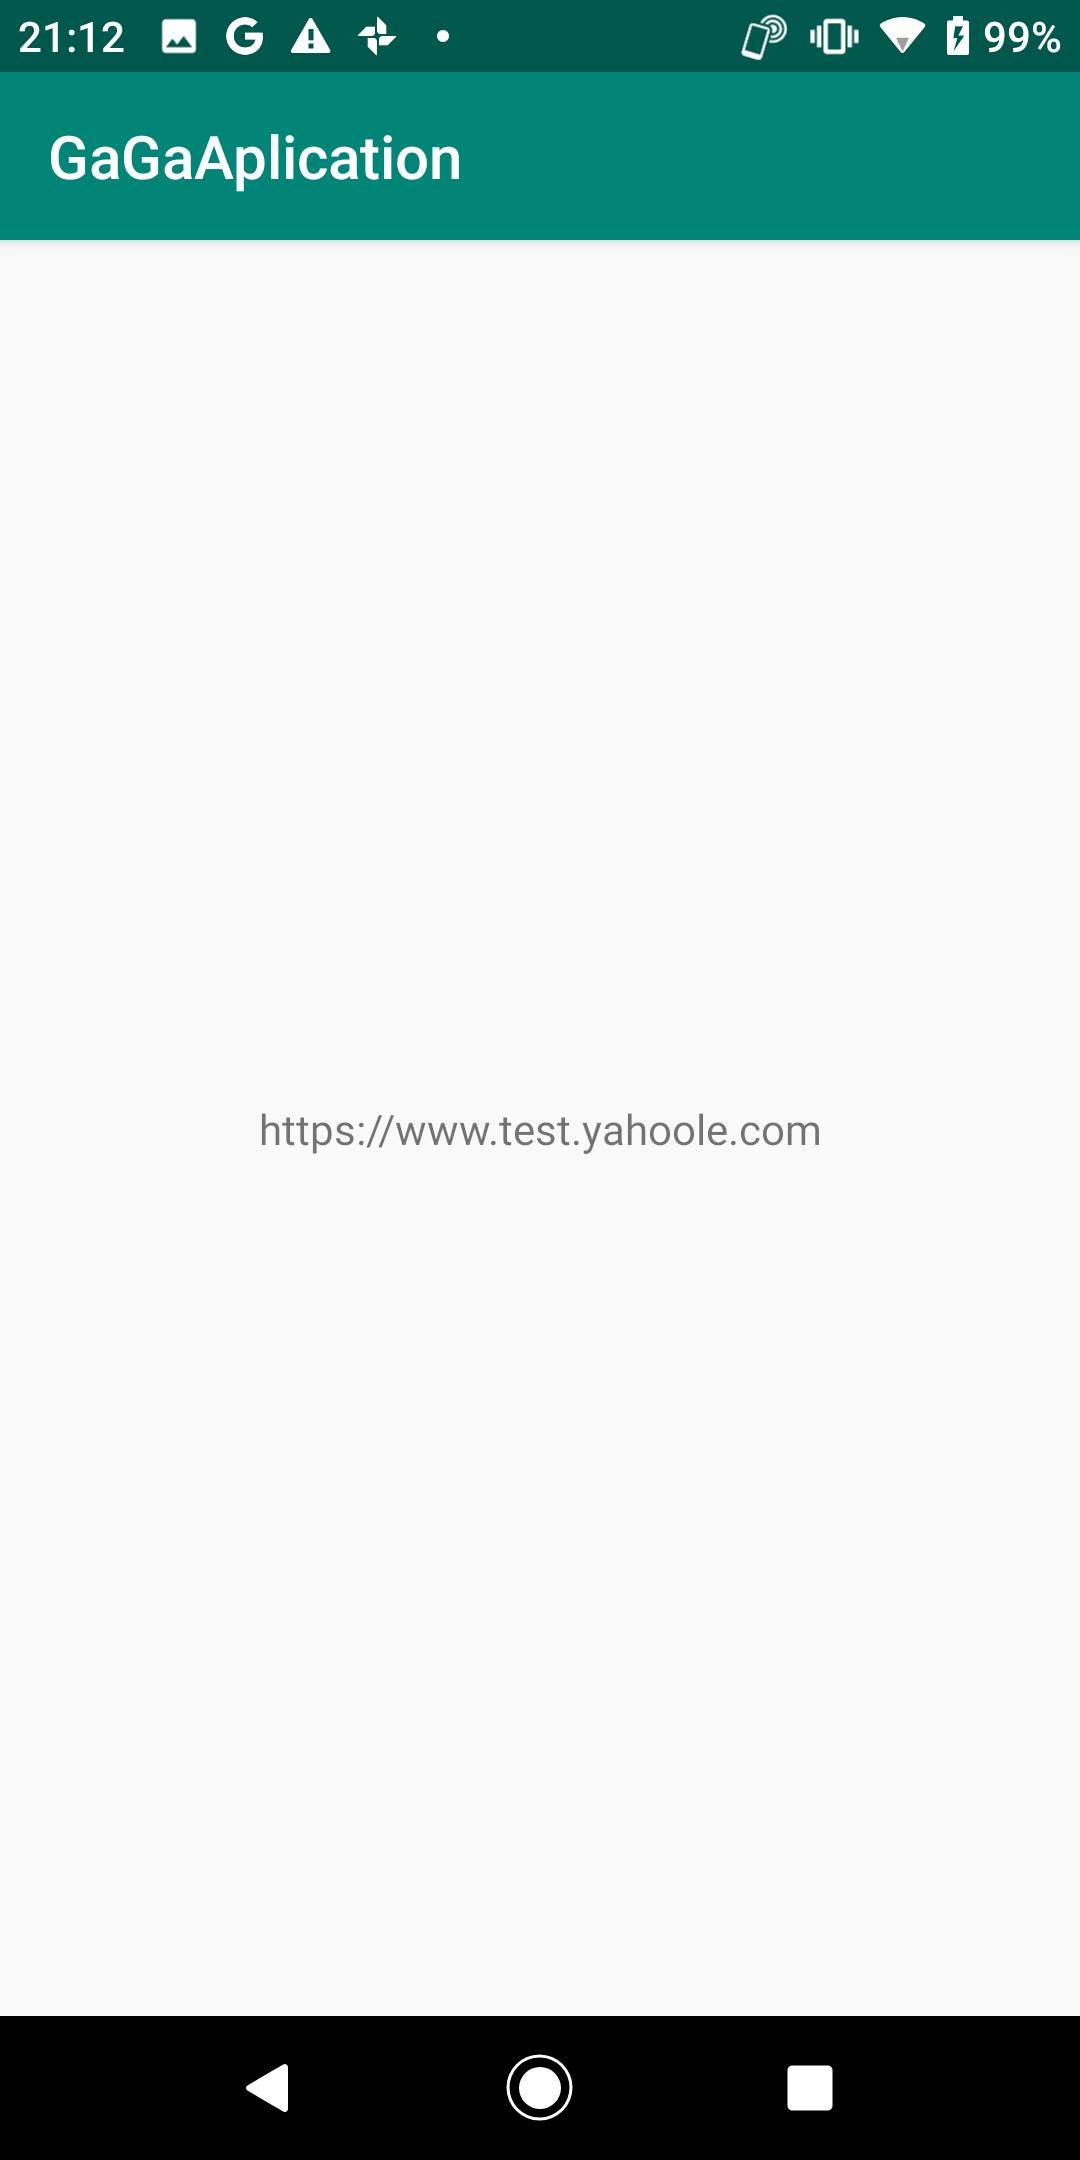 スクリーンショット 0400665f-20d3-3f89-c5a0-2a03dc4fe929.png